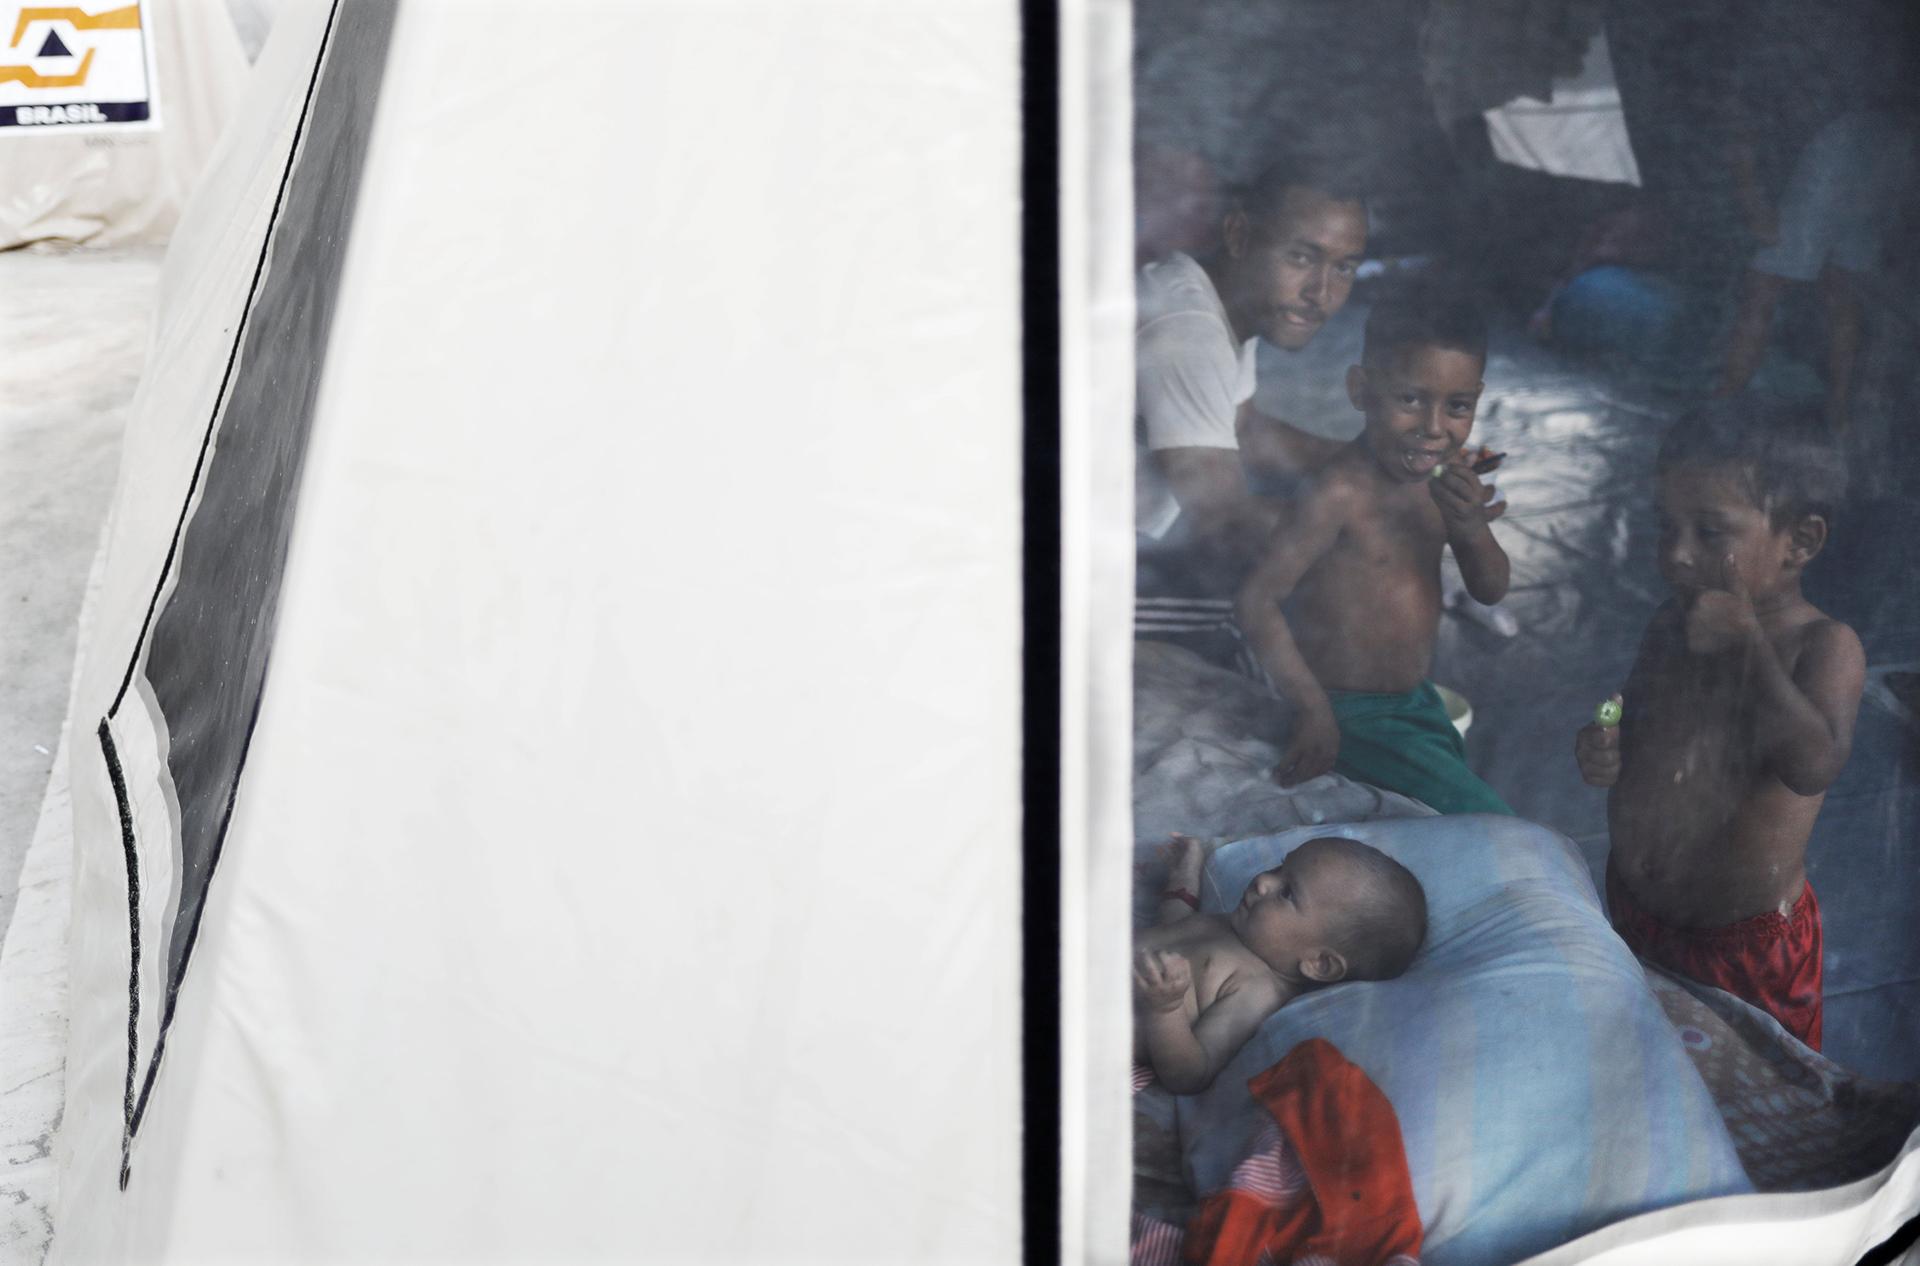 Las carpas para refugiados están colapsadas (REUTERS)